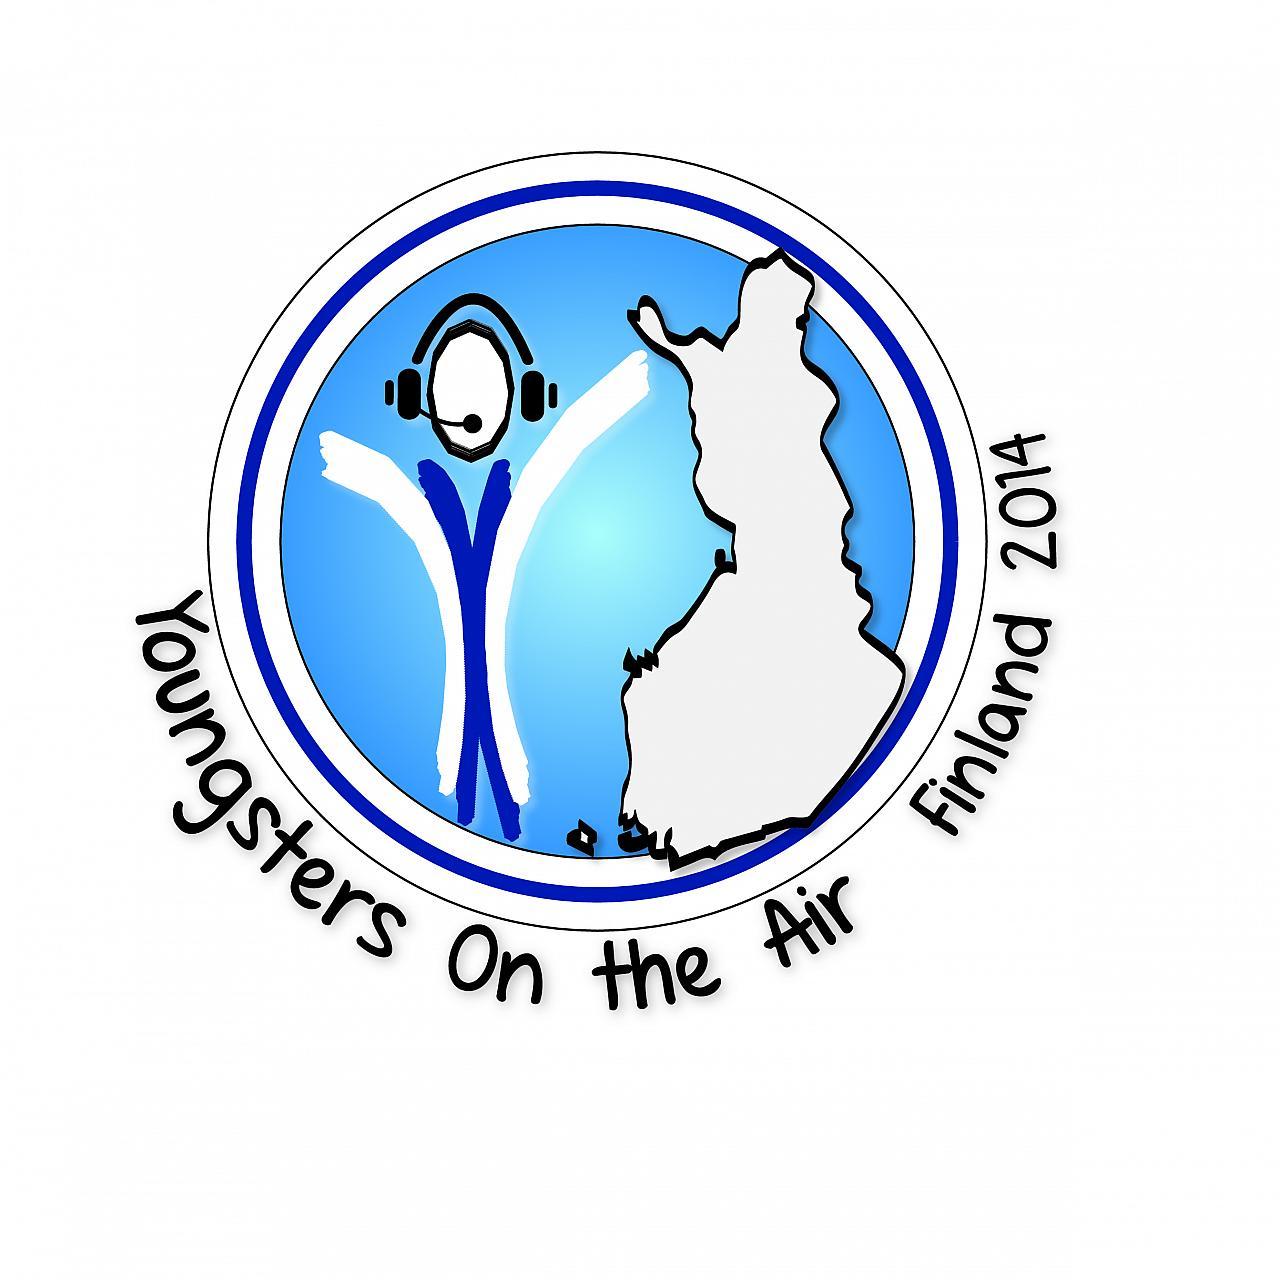 YOTA2014 LisaLeenders LogoFinal